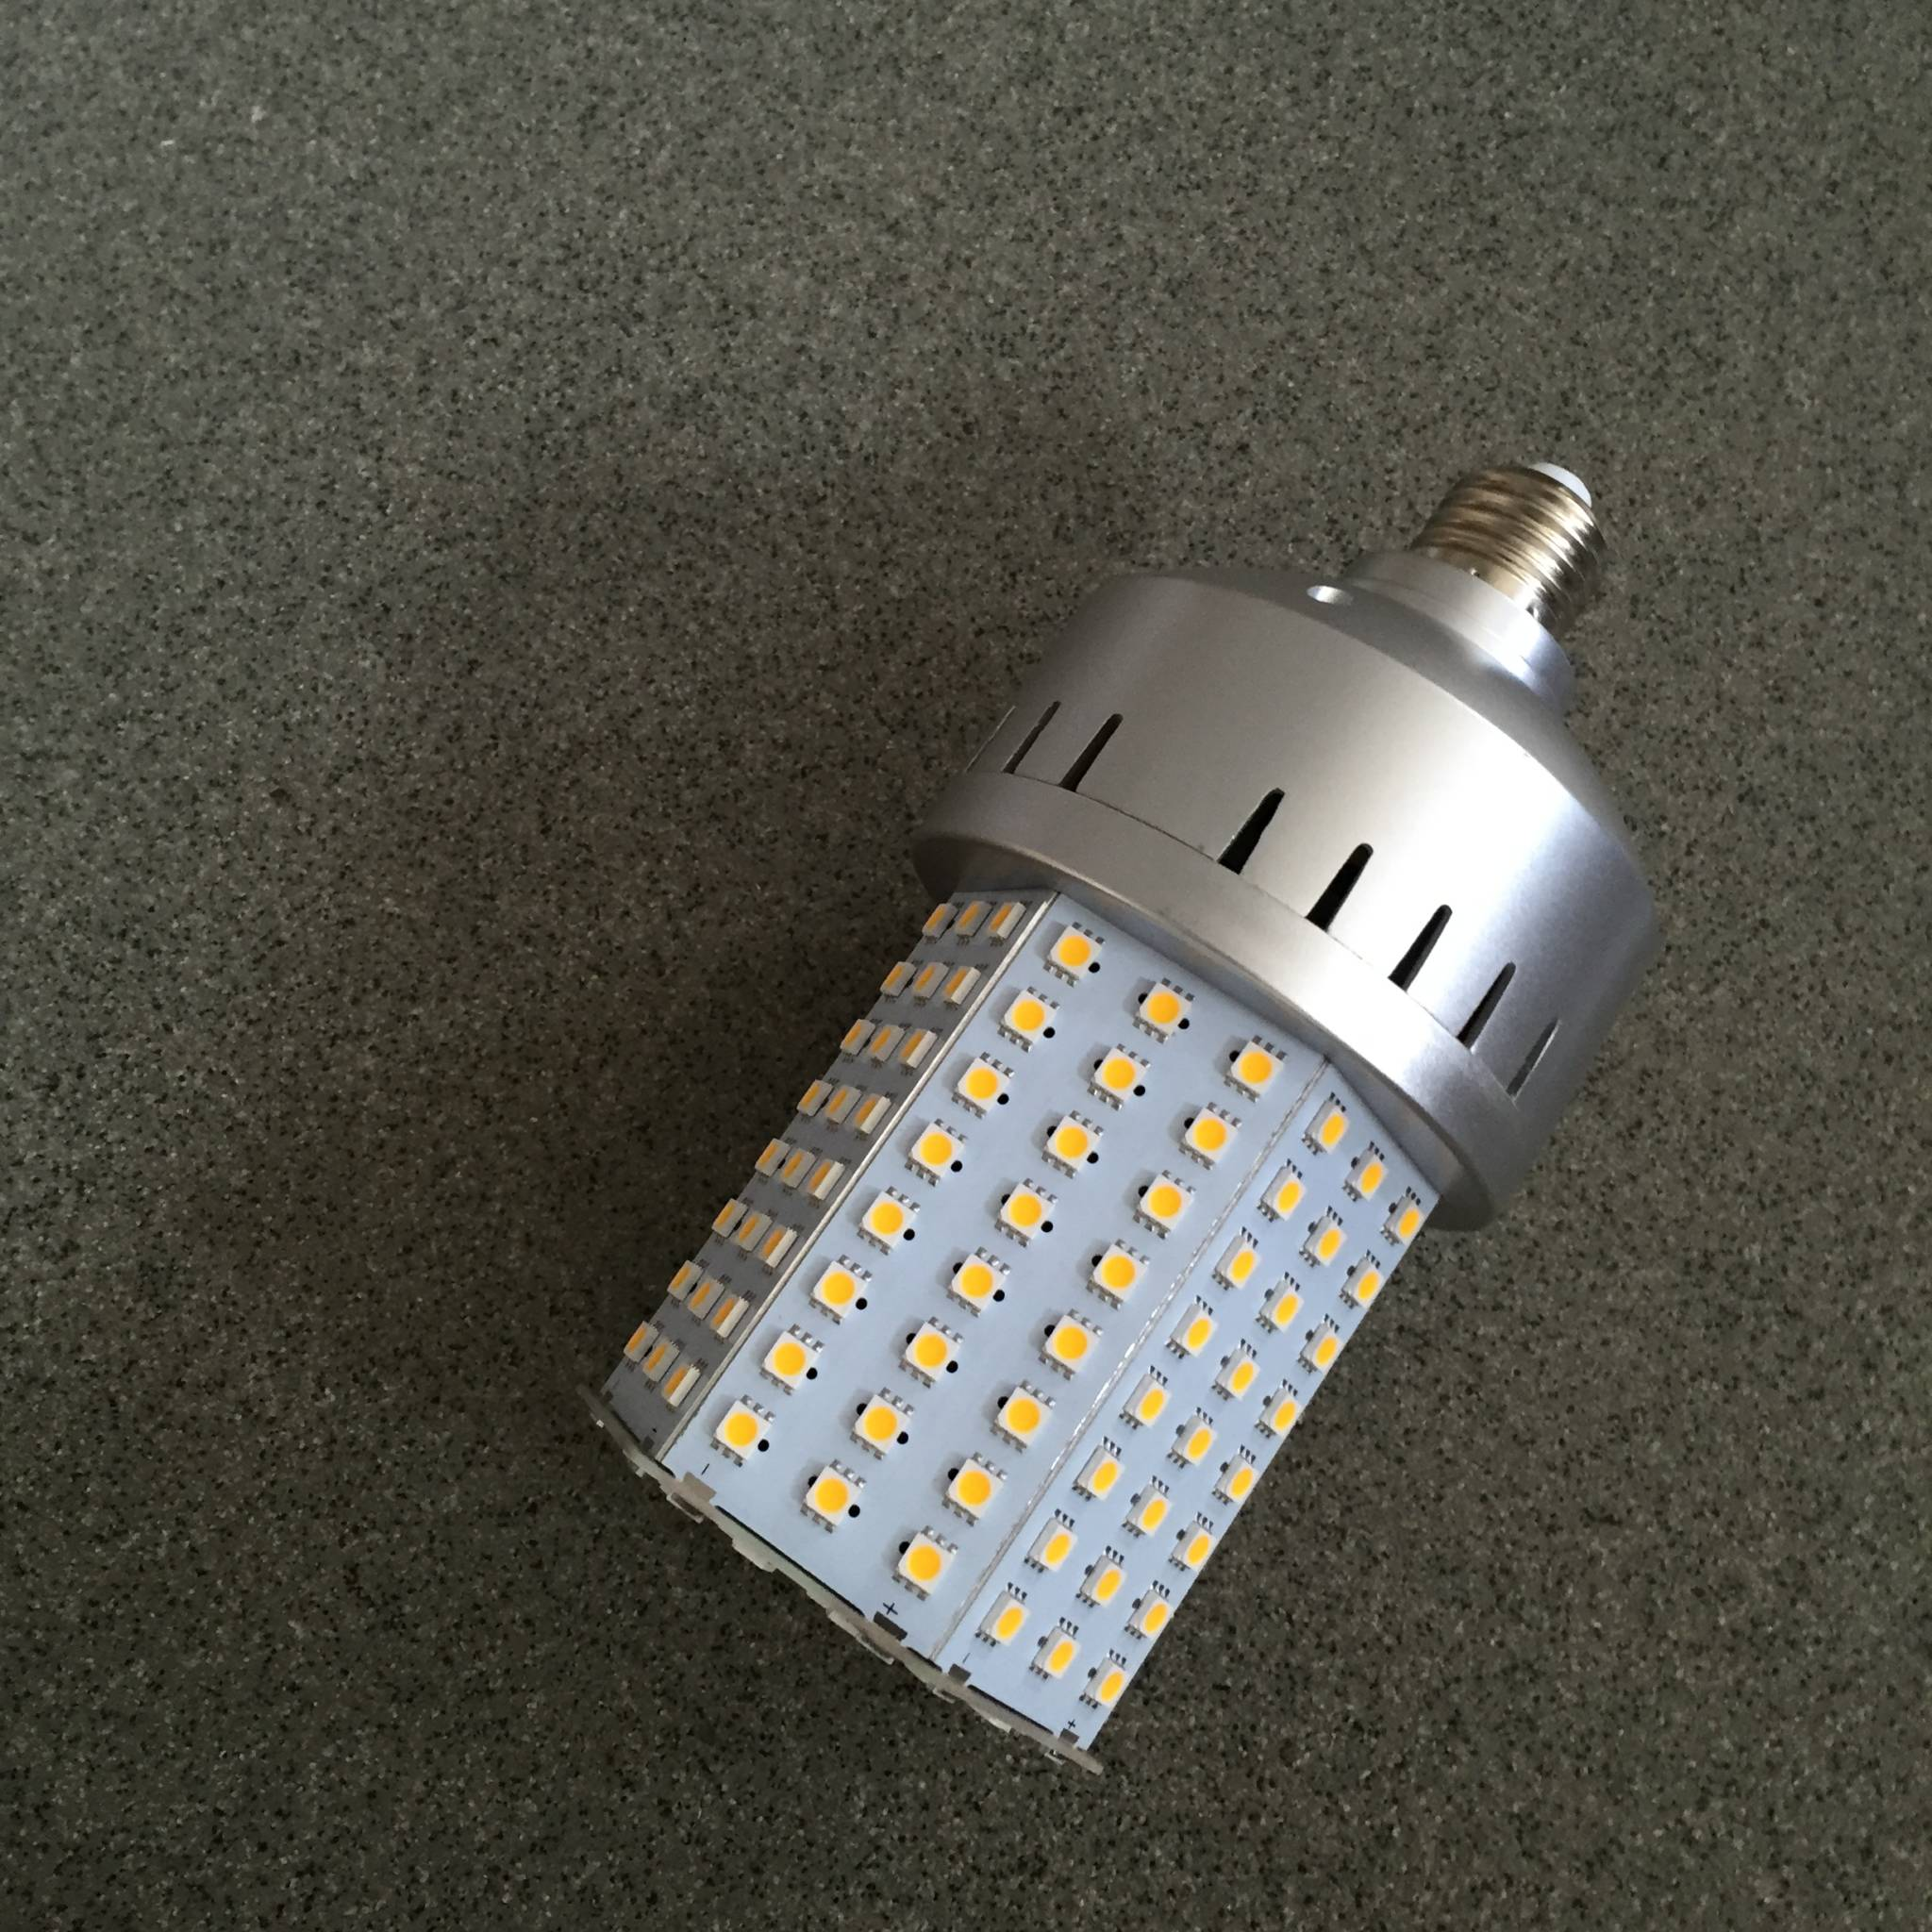 Fantastisk LED til gadelys eller udendørs arealer KR33